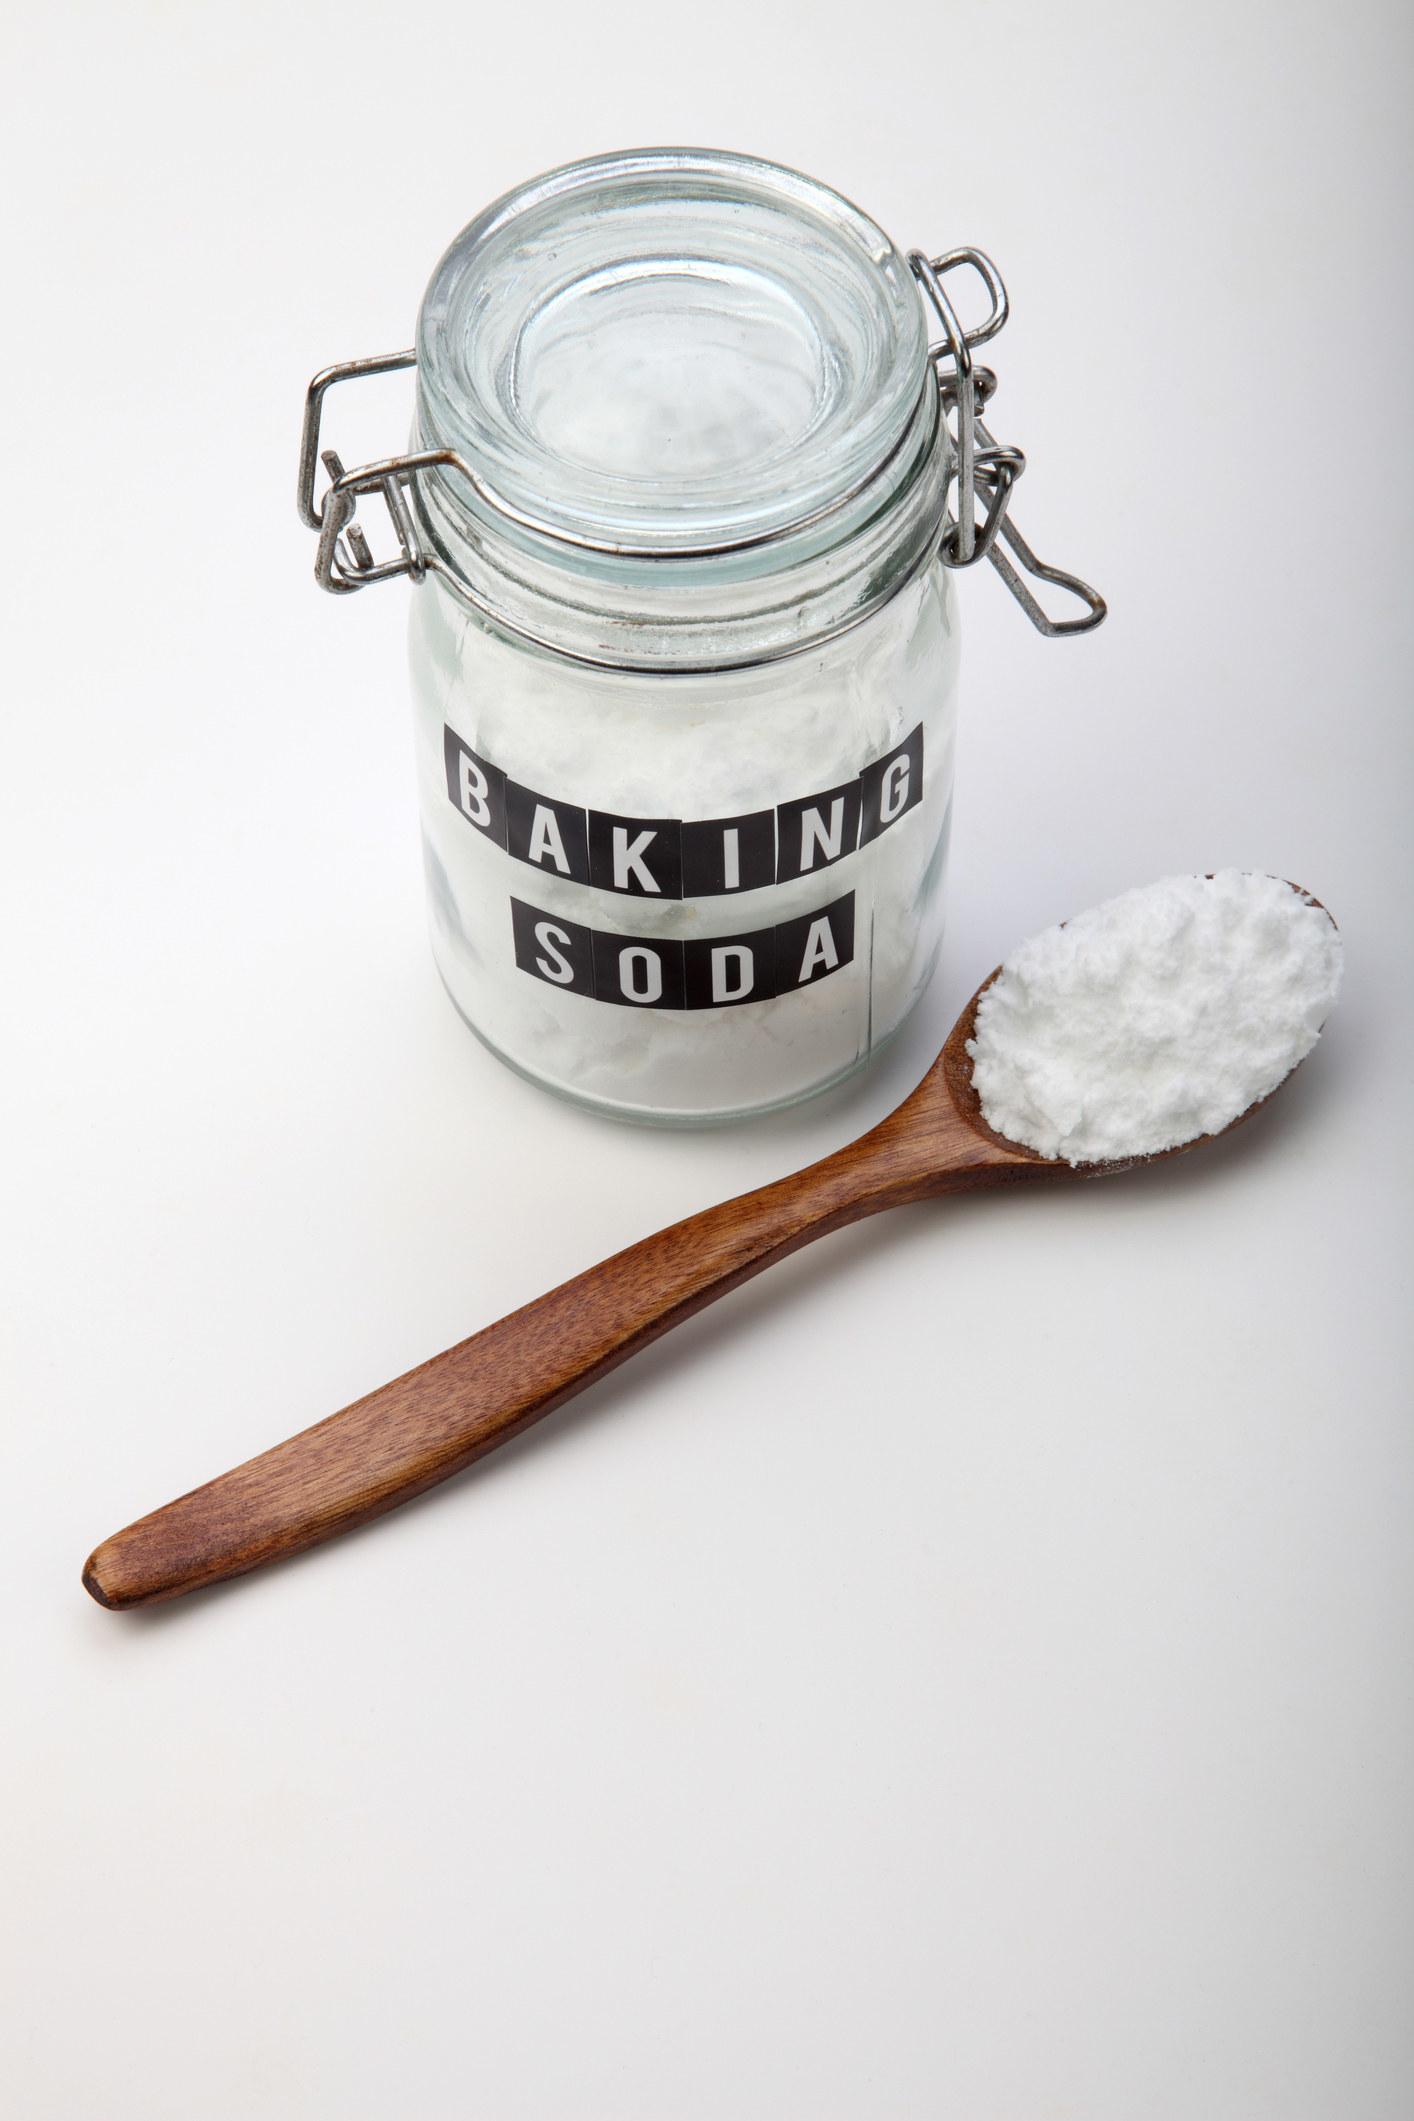 ترفندهای پخت مرغ ، استفاده از محلول نمک و جوش شیرین برای ترد شدن بال ها